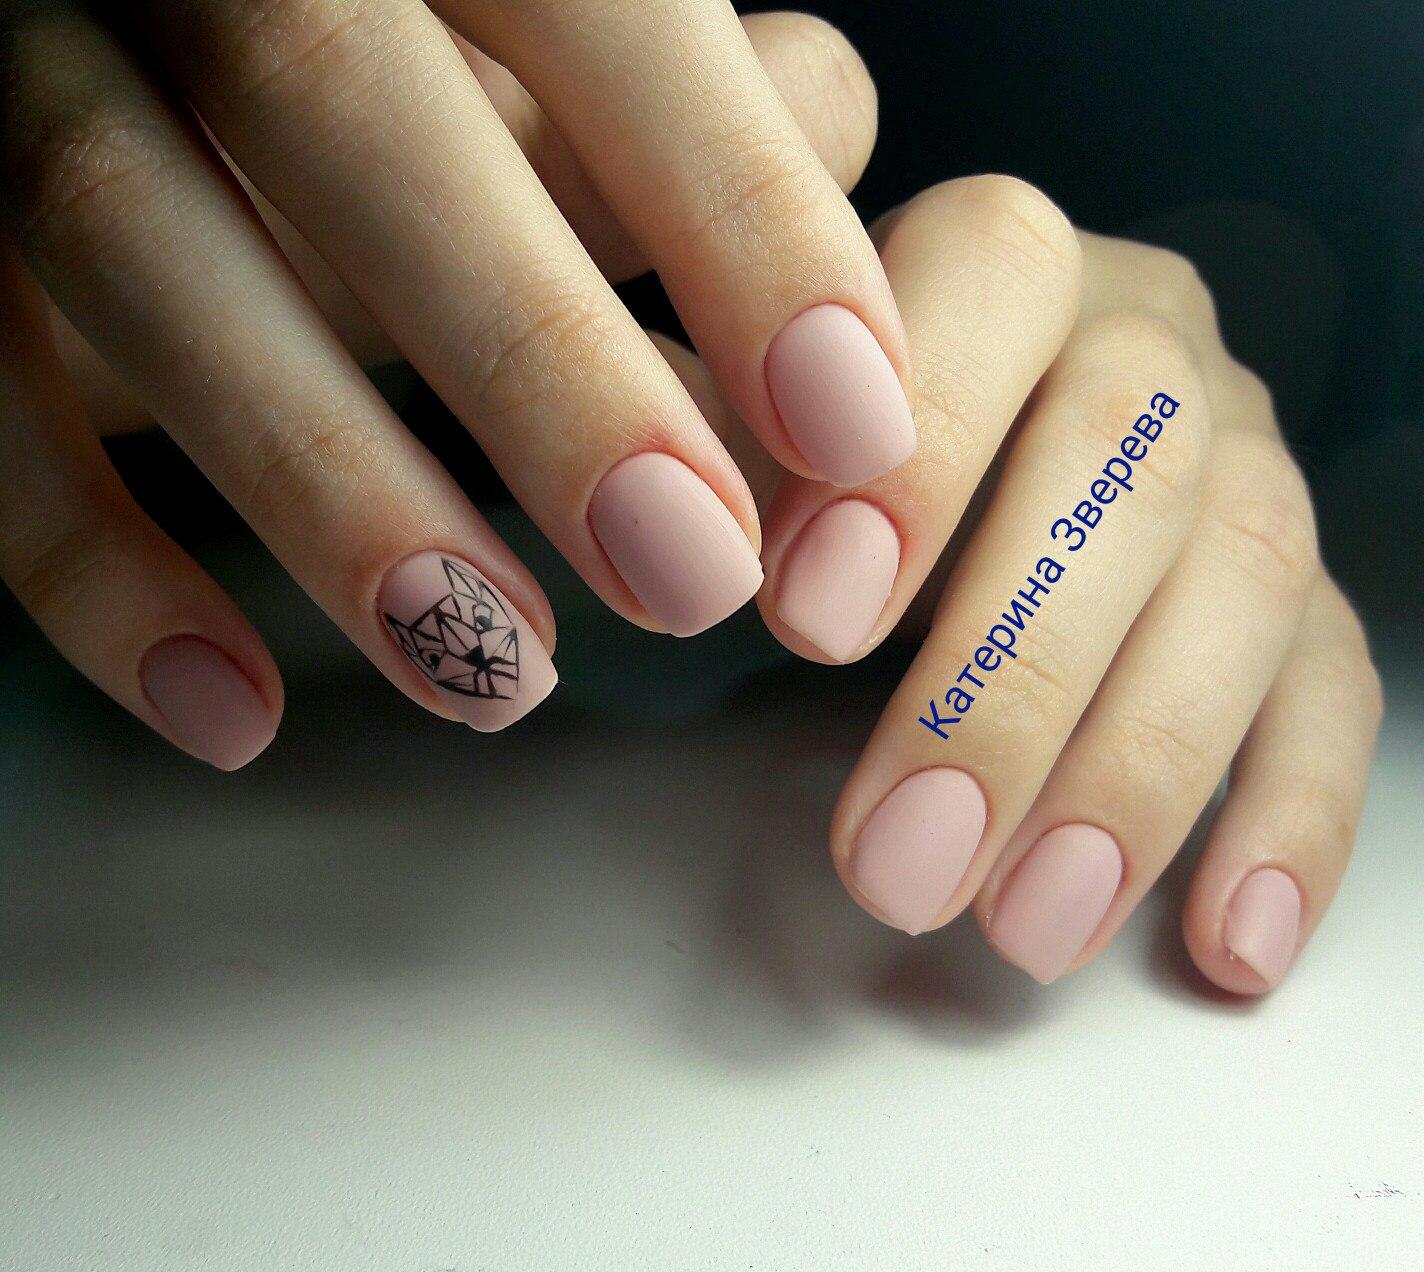 Результат маникюра коротких ногтей